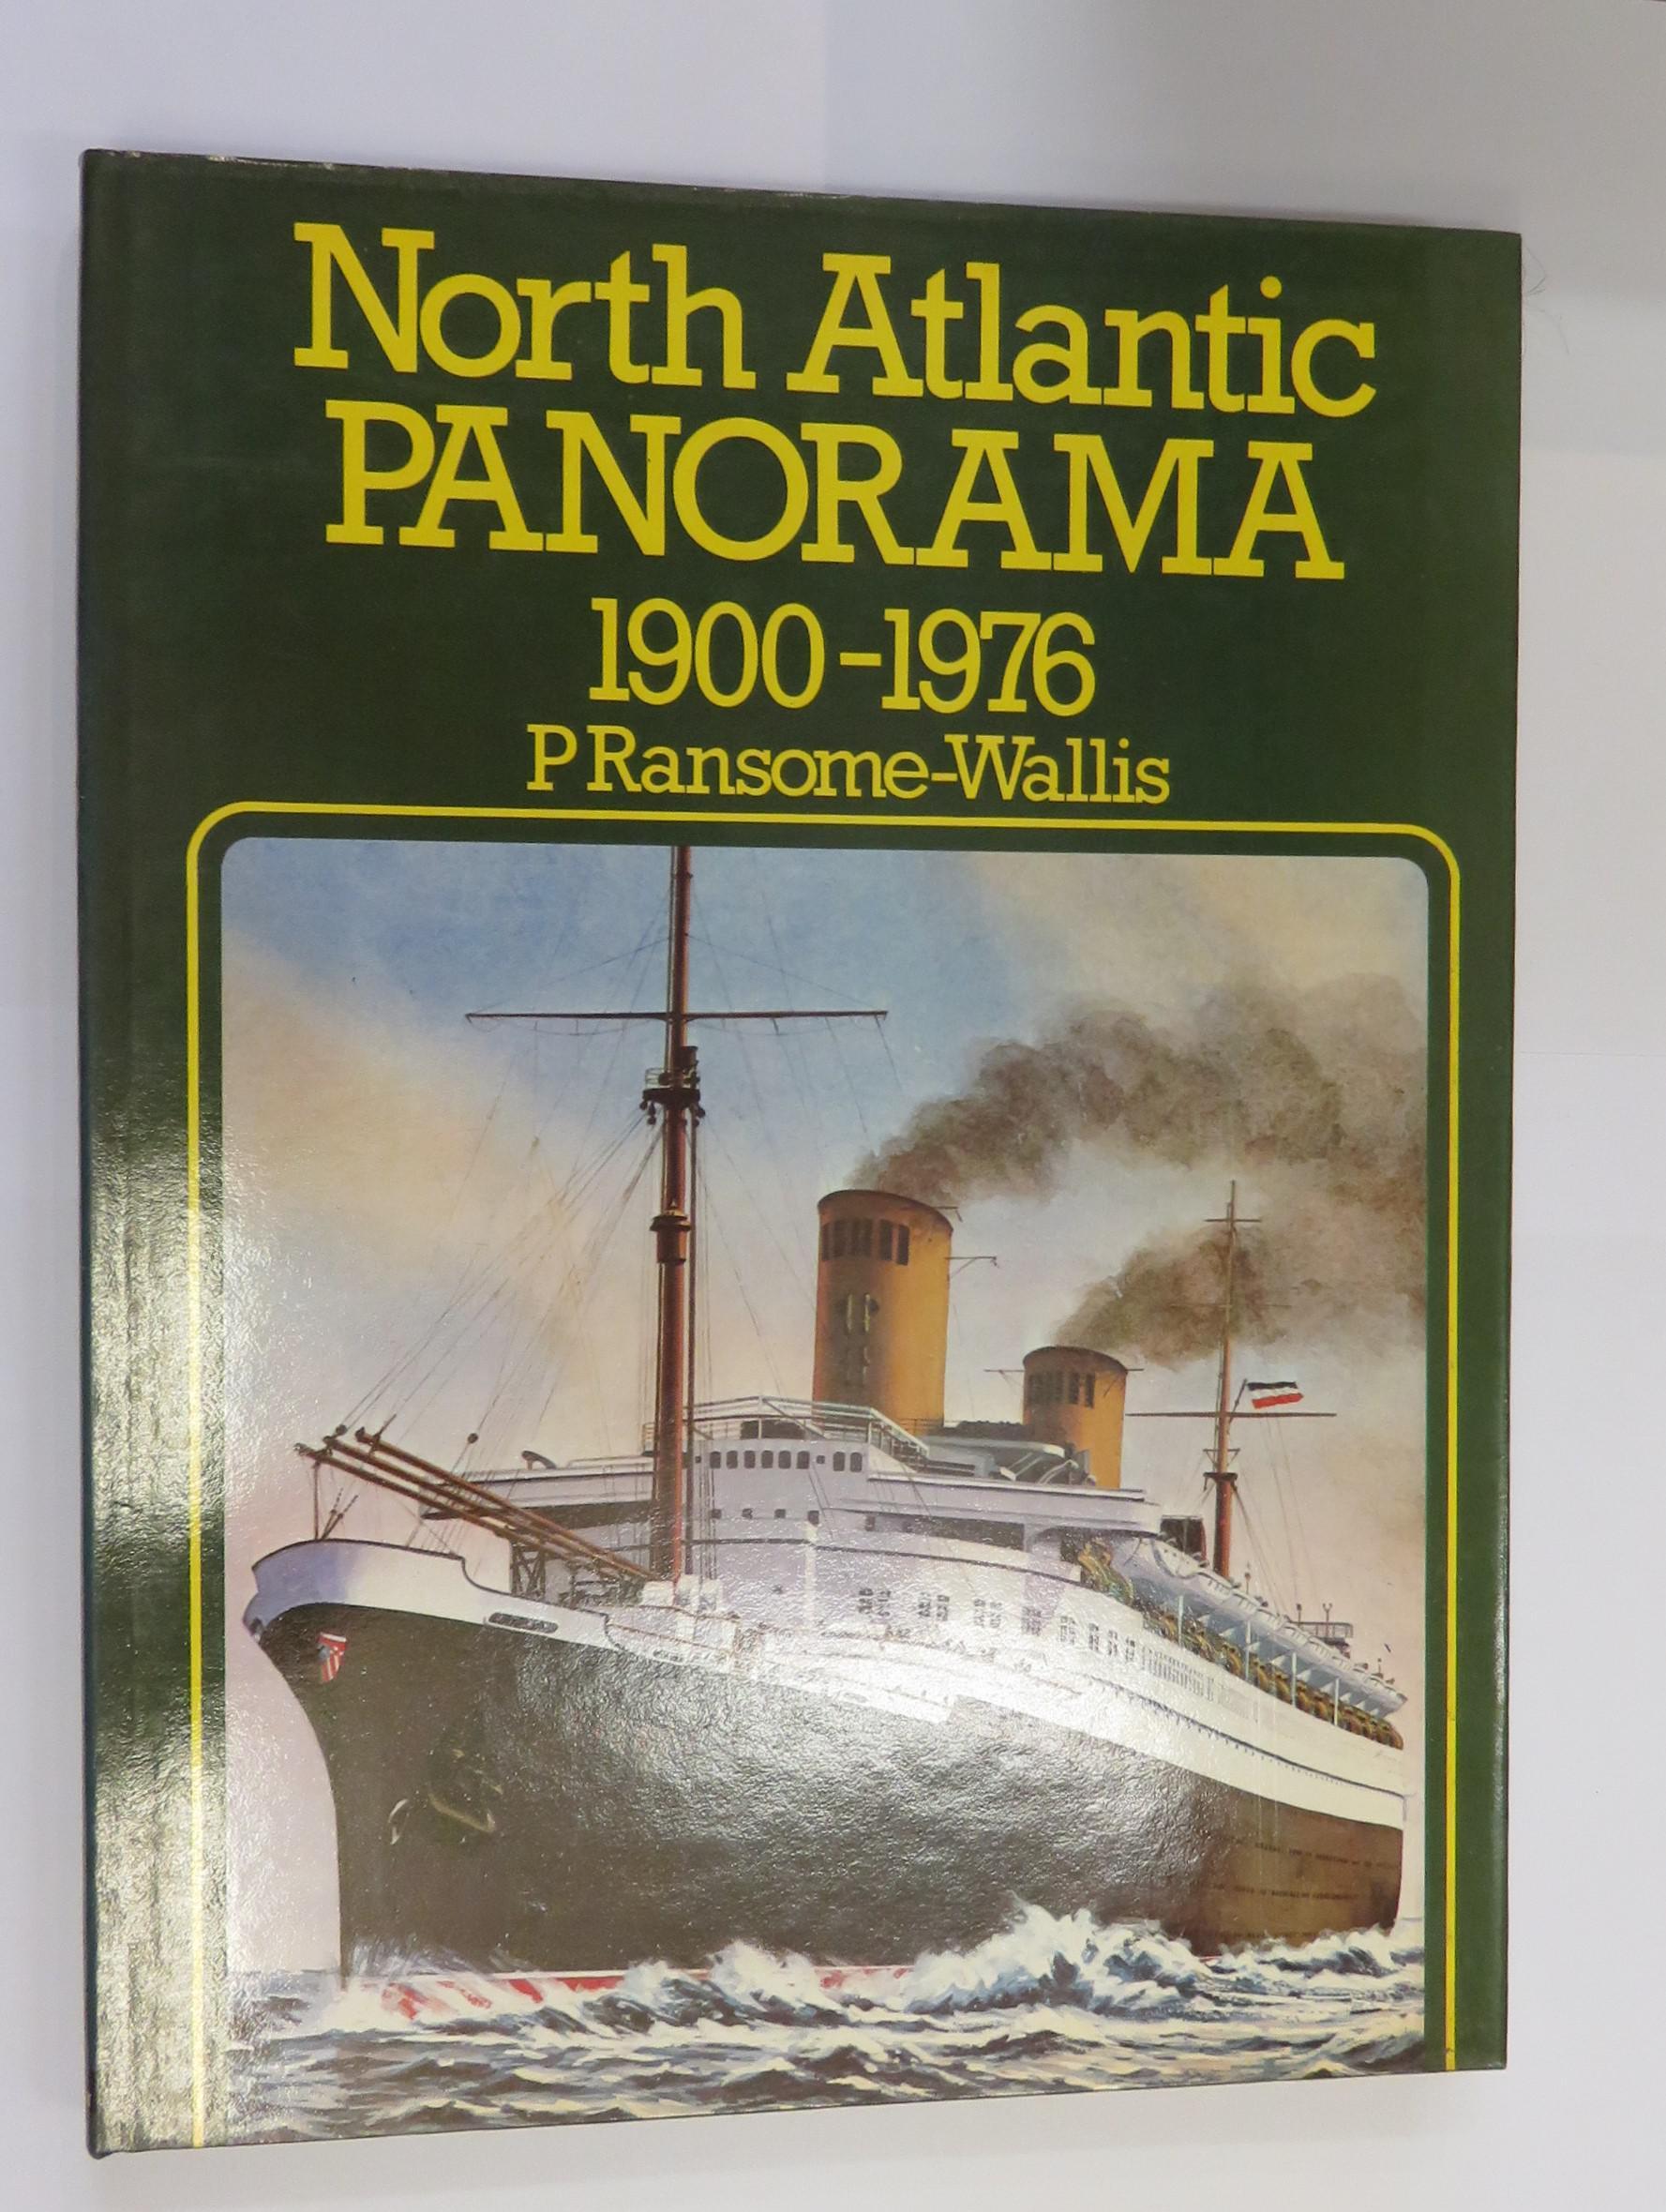 North Atlantic Panorama 1900-1976